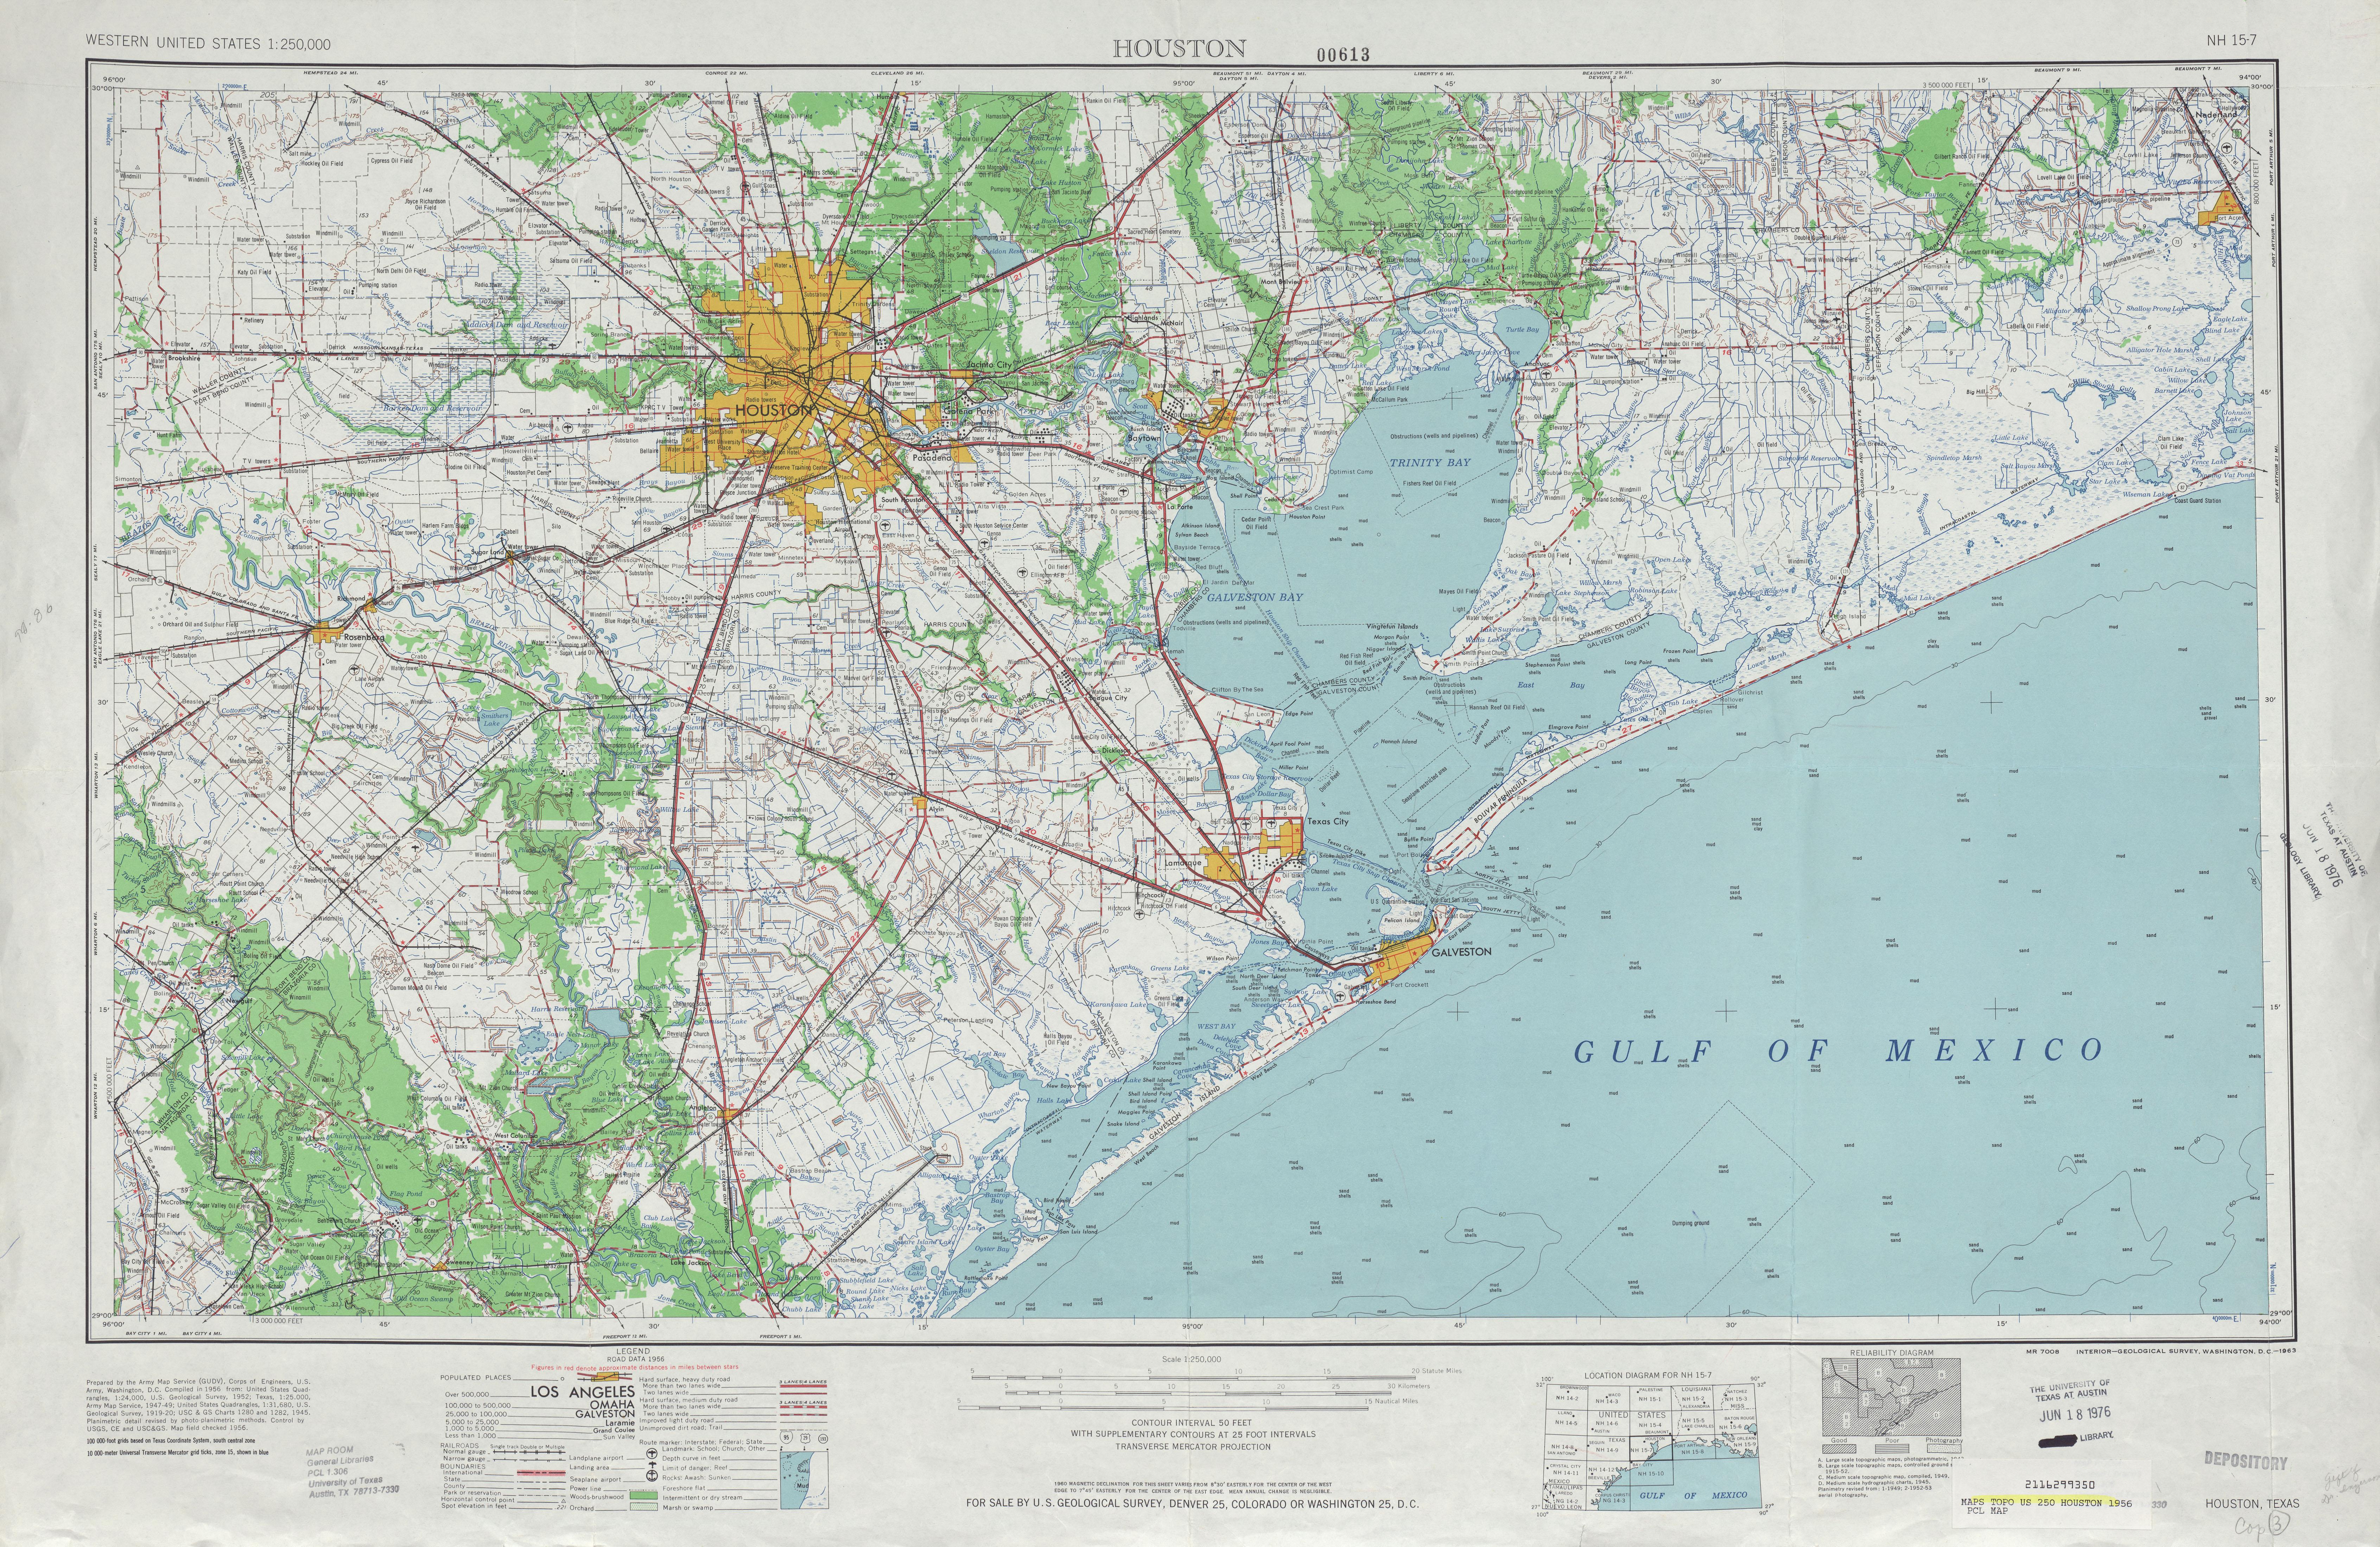 Hoja Houston del Mapa Topográfico de los Estados Unidos 1956